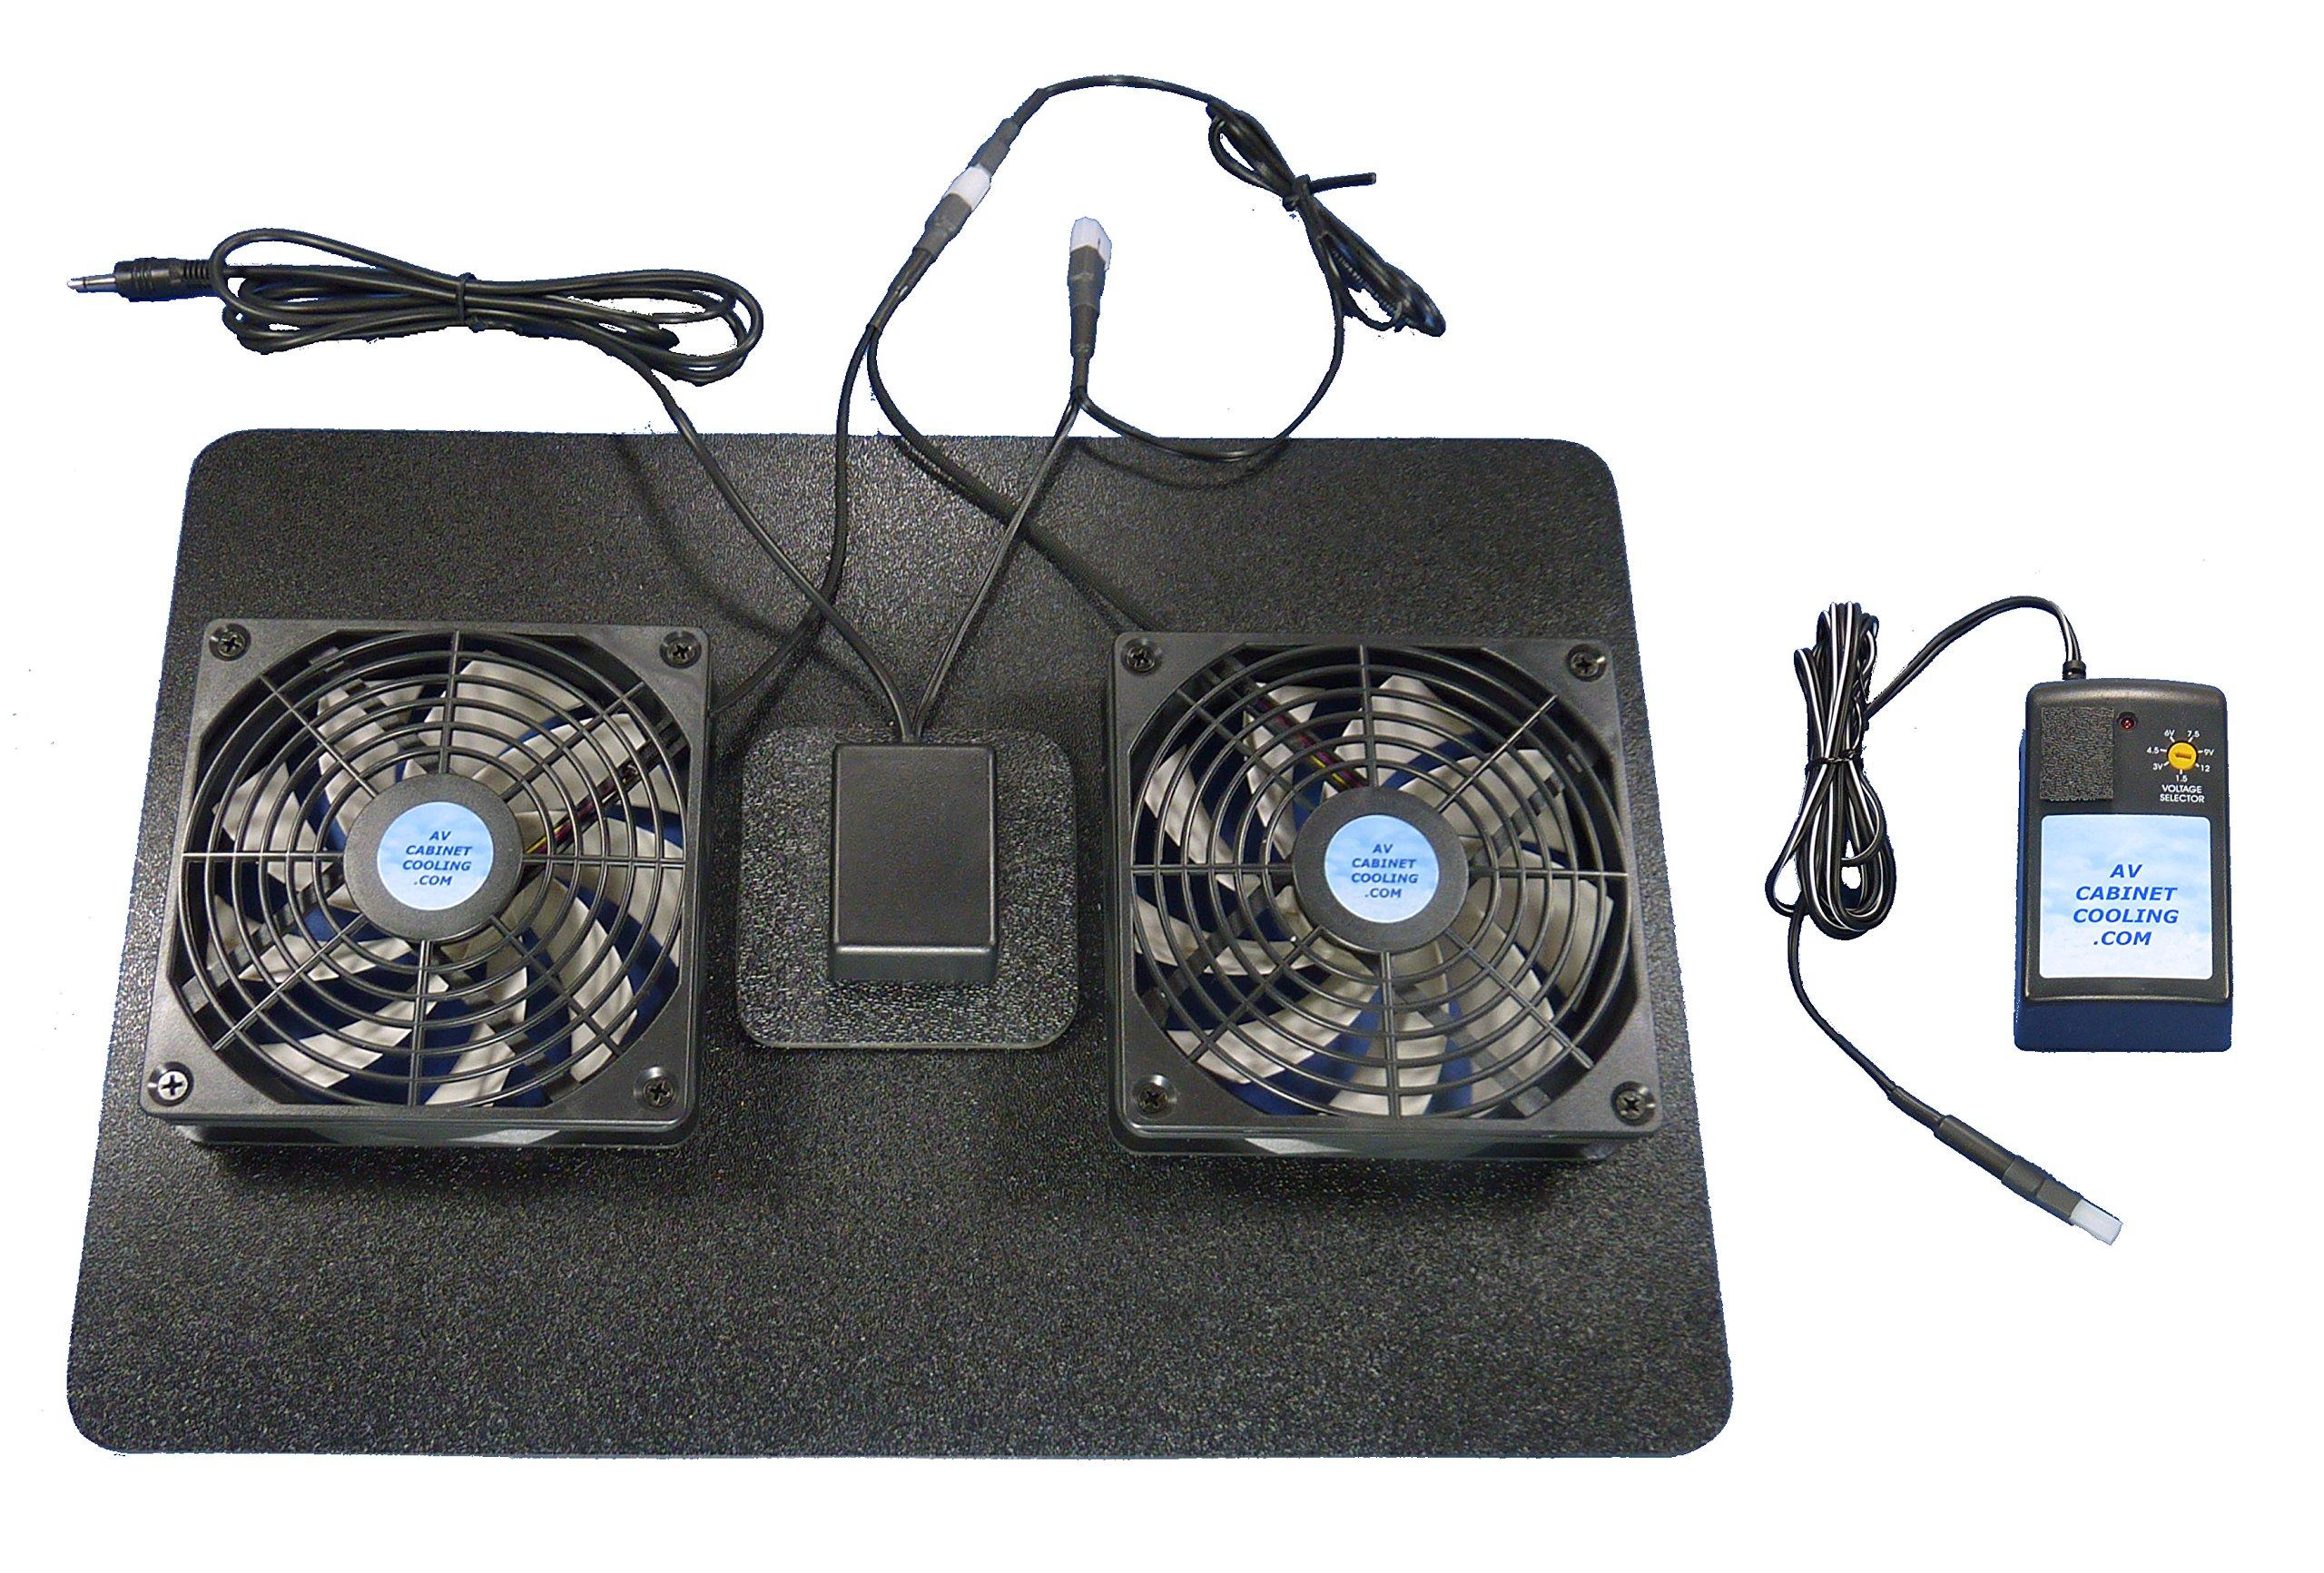 Receiver/Amp Megabase 12 volt trigger-controlled cooling fans / multispeed control / 12v